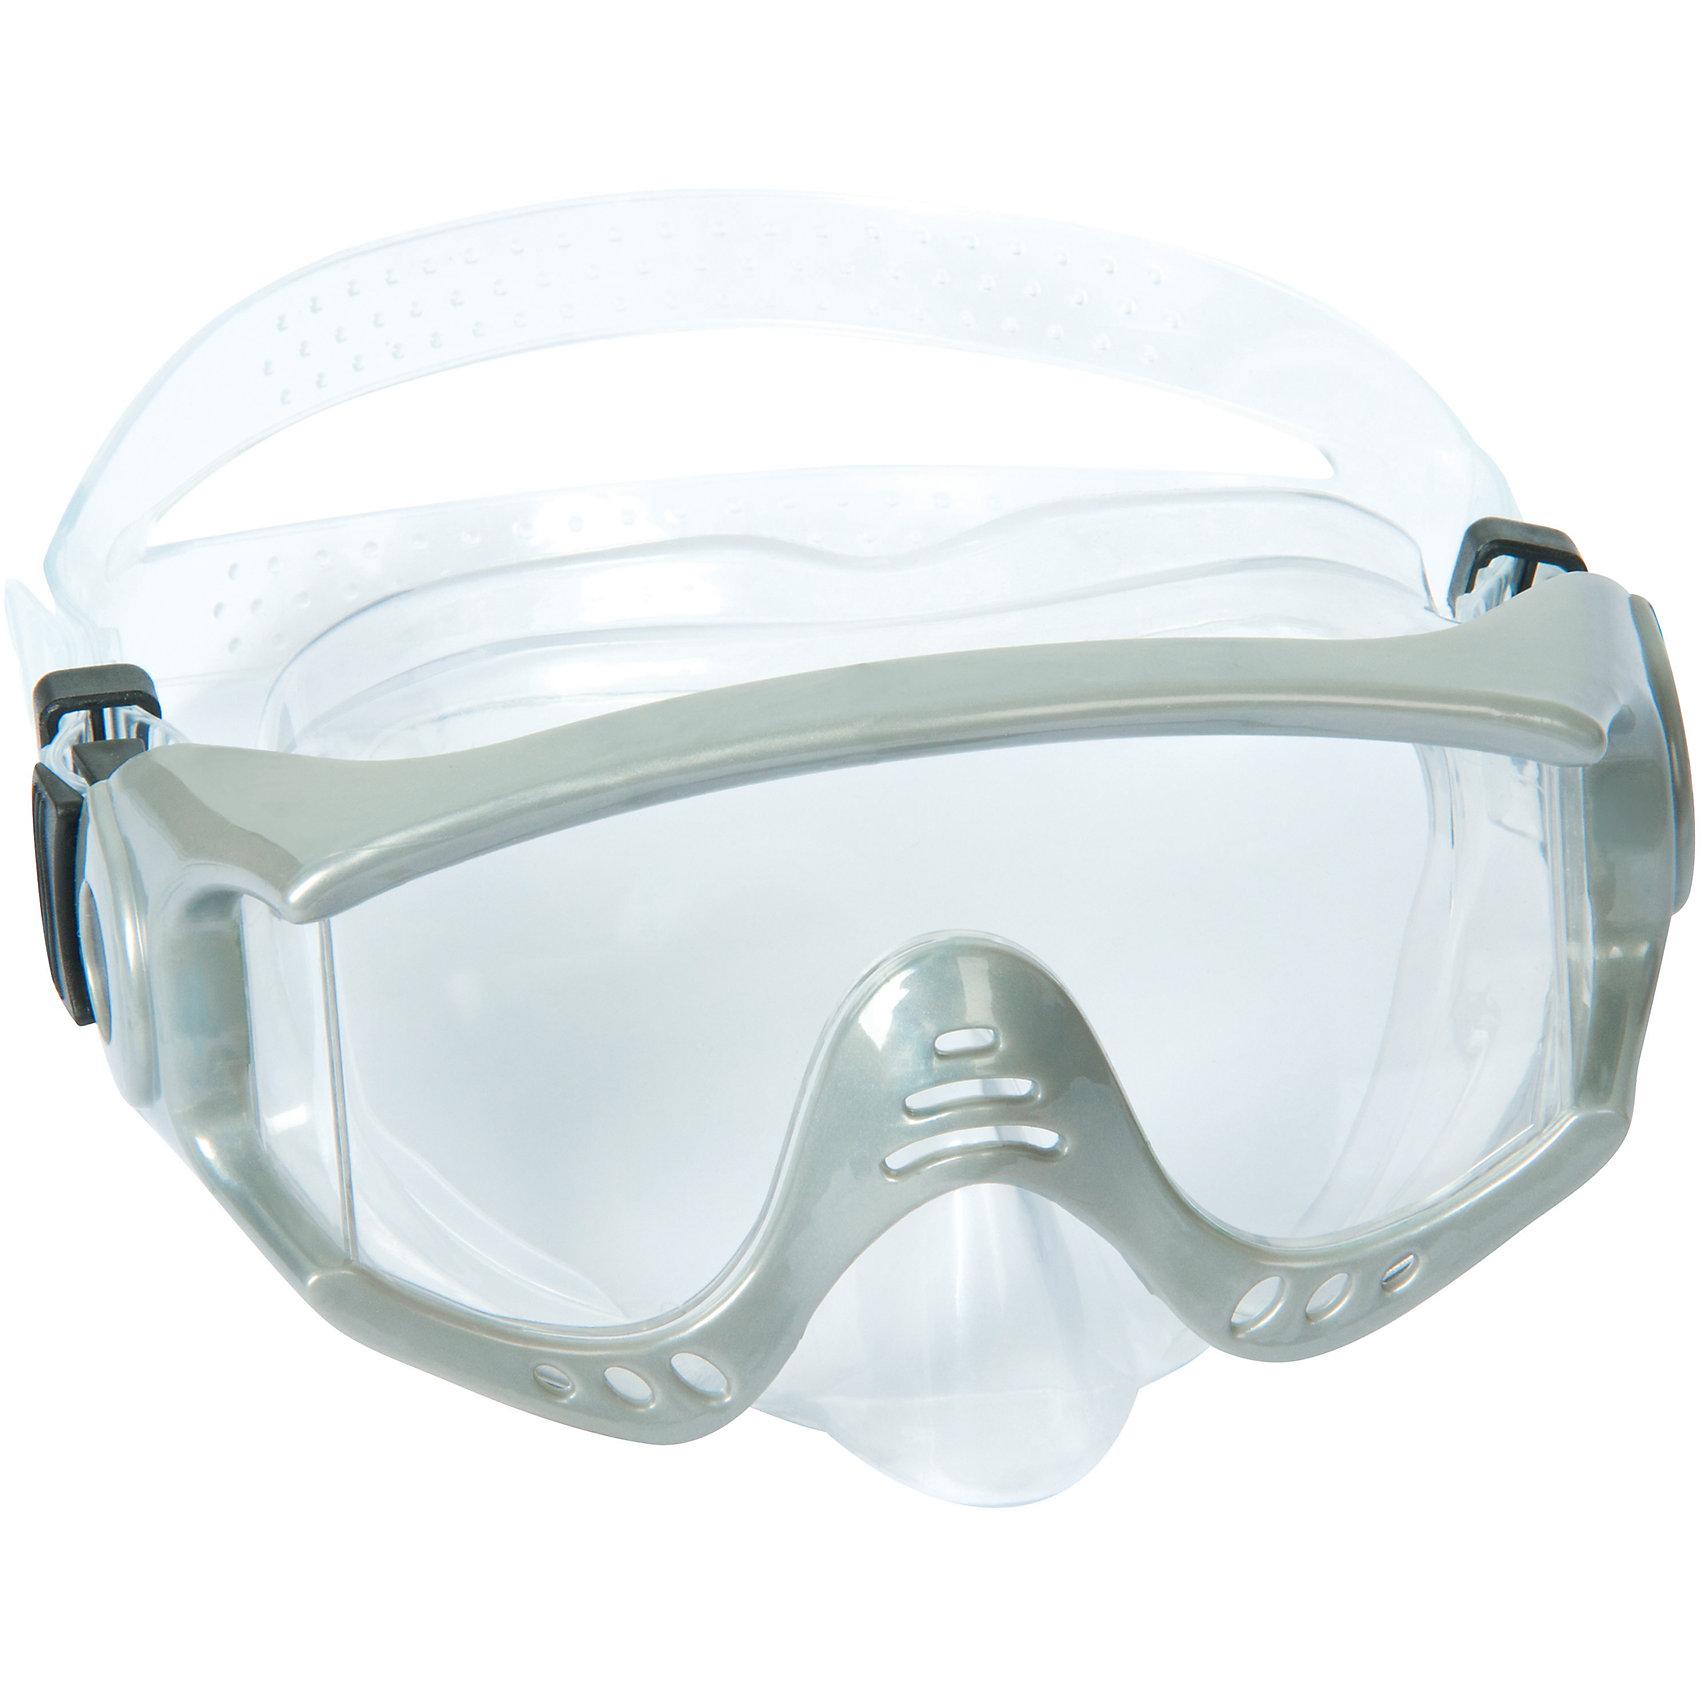 Маска для ныряния Splash Tech для взрослых, Bestway, серыйОчки, маски, ласты, шапочки<br>Маска для ныряния Splash Tech, Bestway - отличный вариант для активного отдыха и увлекательных исследований подводного мира. Маска оснащена линзами из поликарбоната с широким обзором. Благодаря уплотнителю с двойной кромкой плотно прилегает к лицу и не допускает протекания воды. Маска надёжно фиксируется регулируемым ремешком. Соответствует требованиям безопасности и стандартам качества продукции. Маску для ныряния Splash Tech для взрослых, Bestway, можно купить в нашем интернет-магазине.<br><br> В товар входит: <br>- маска для ныряния<br><br>Дополнительная информация: <br> - Материал: поликарбонат<br> - Размер упаковки: 22 х 18 х 9 см<br> - Вес: 168 гр.  <br> - Возраст: для взрослых и детей от 14 лет<br> - Цвет: серый<br> - Бренд: Bestway<br><br>Ширина мм: 235<br>Глубина мм: 185<br>Высота мм: 870<br>Вес г: 168<br>Возраст от месяцев: 168<br>Возраст до месяцев: 1188<br>Пол: Унисекс<br>Возраст: Детский<br>SKU: 4828548